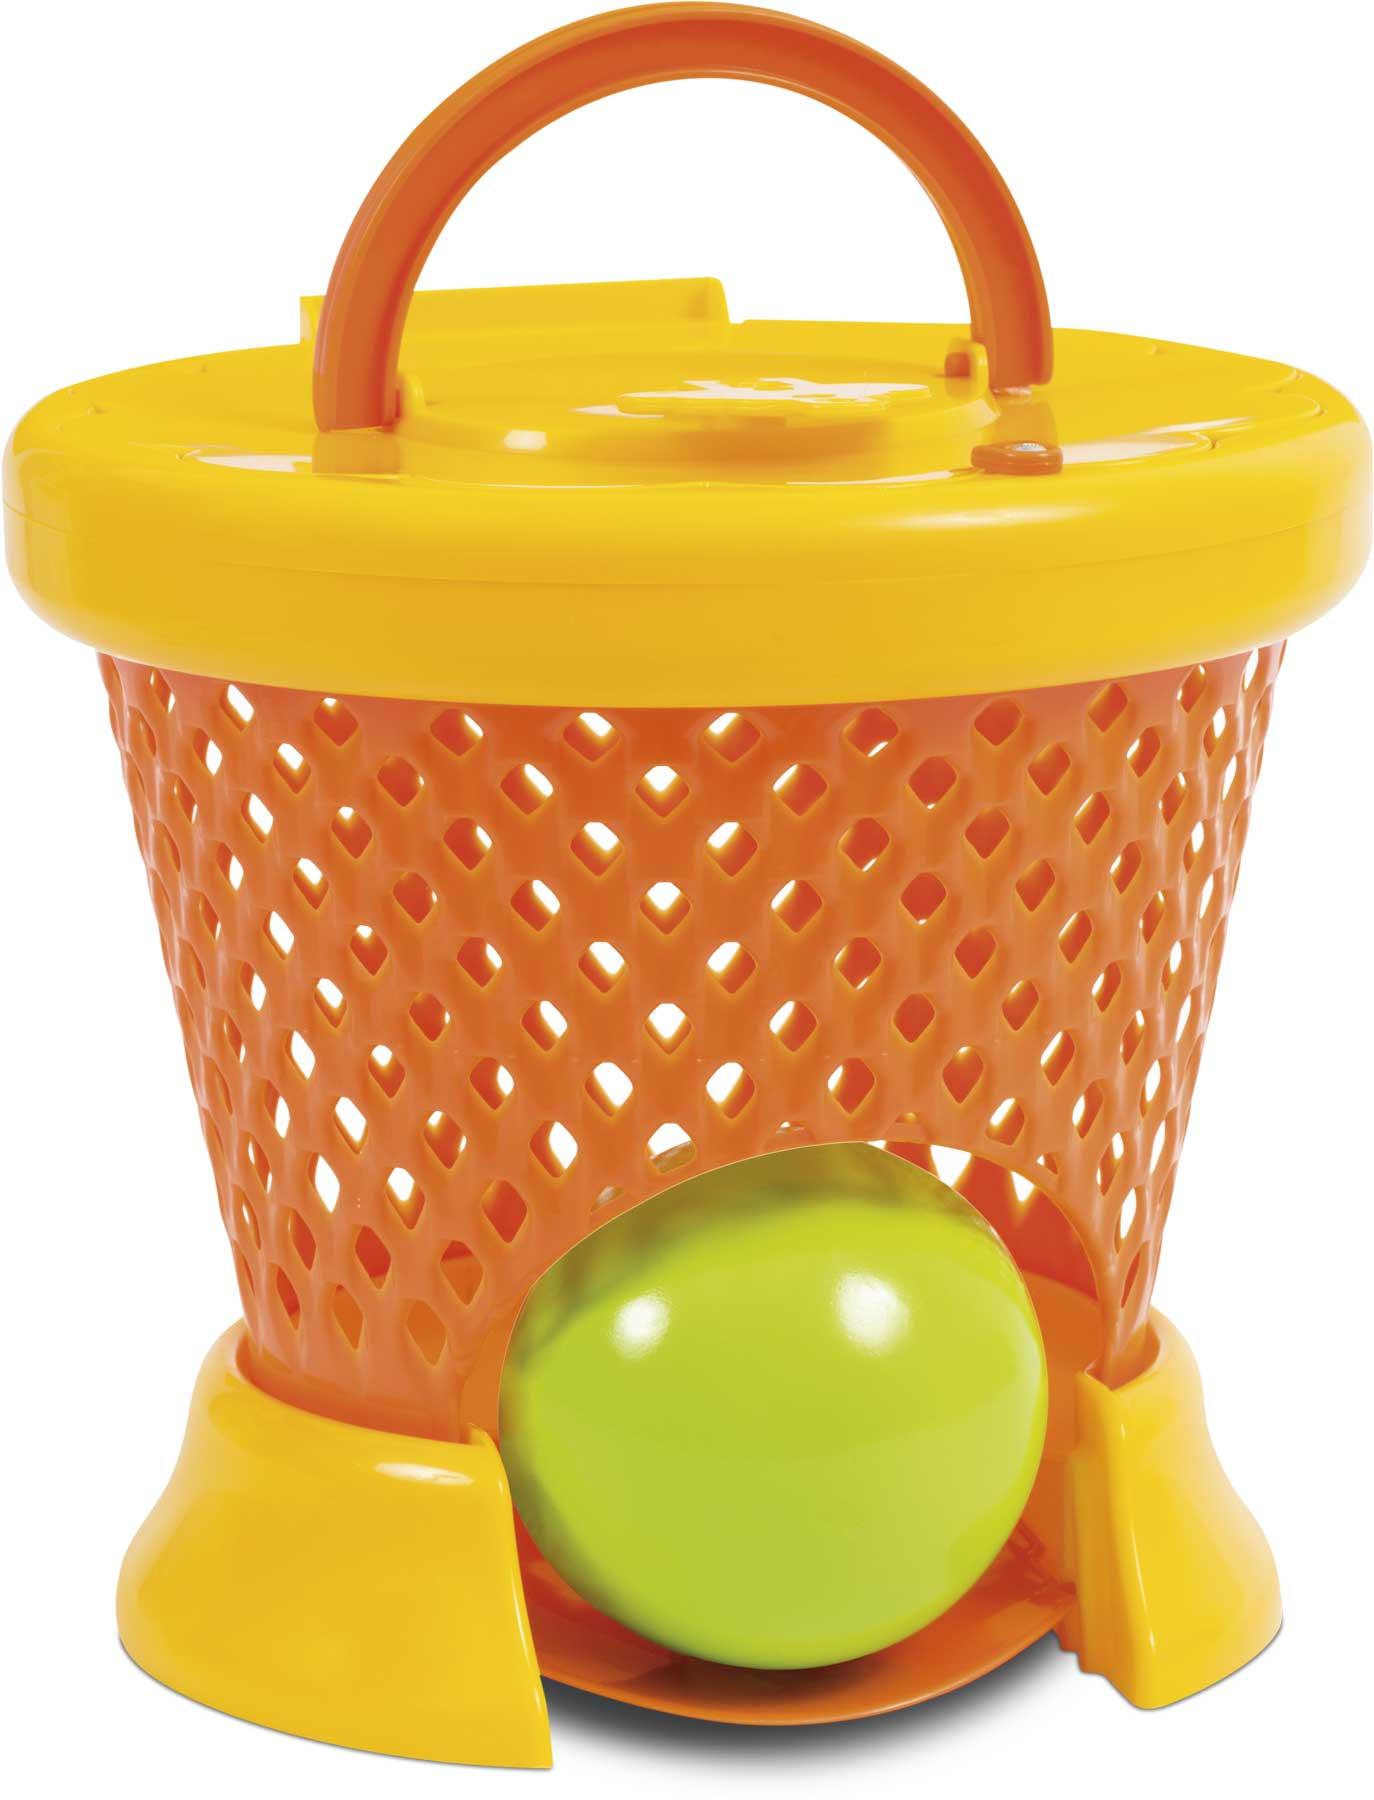 BasketBall Baby - Mercotoys